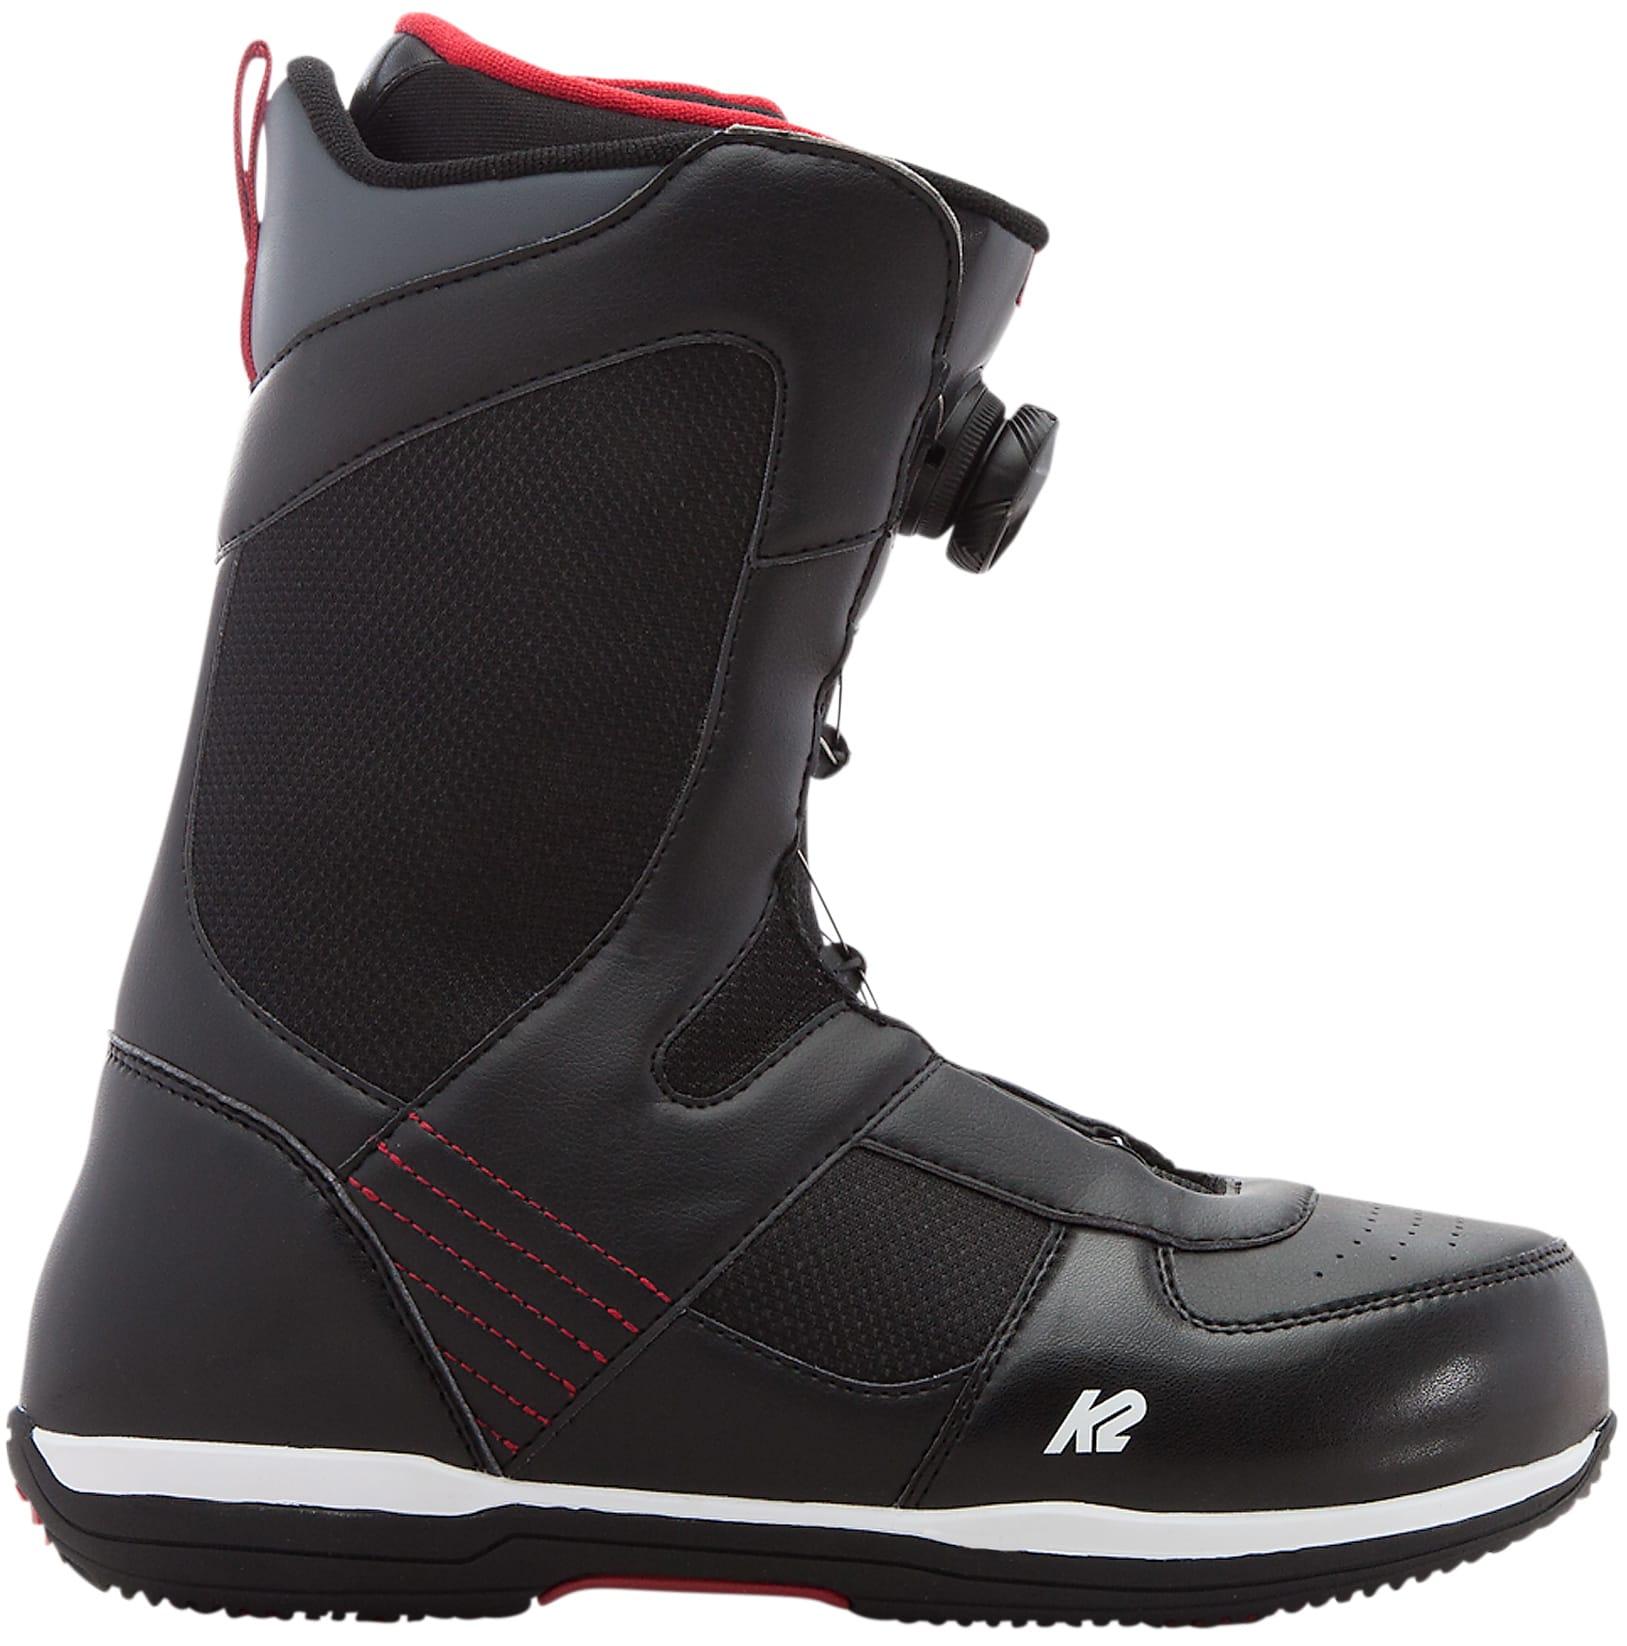 K2 Seem Snowboard Boots 2018